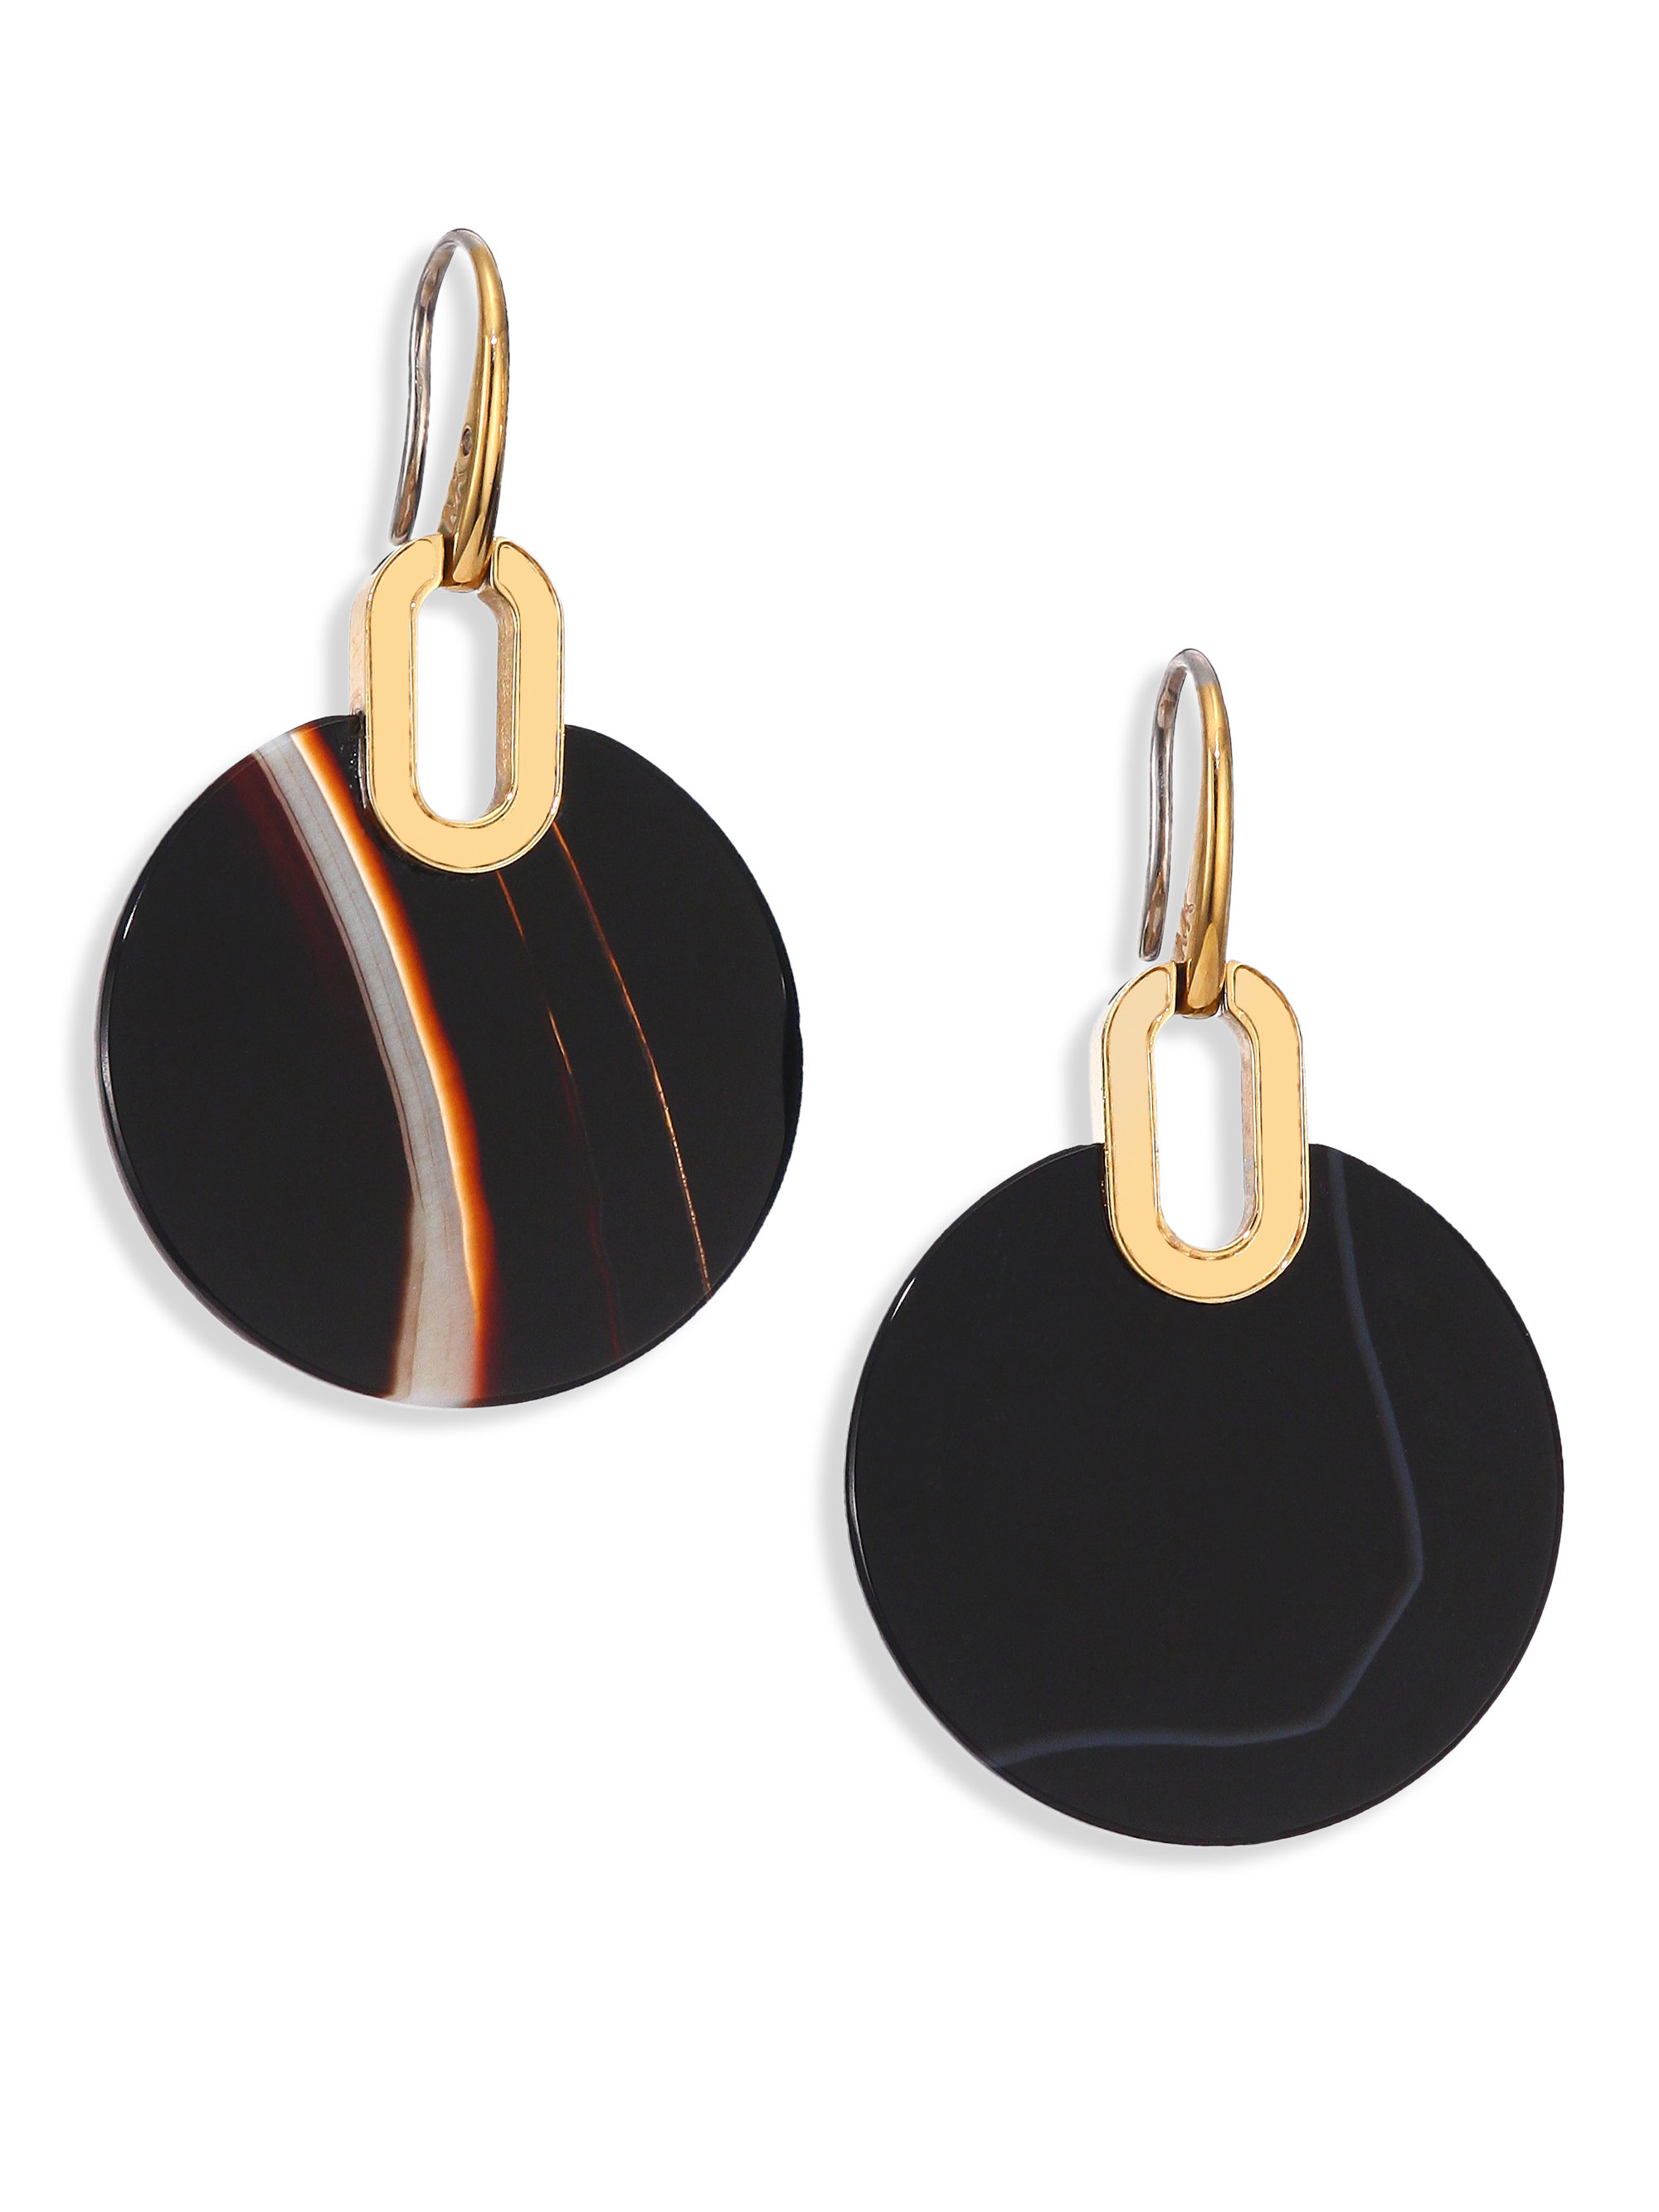 973a410e44d6 Lyst - Michael Kors Cityscape Disc Black Agate Drop Earrings in Metallic